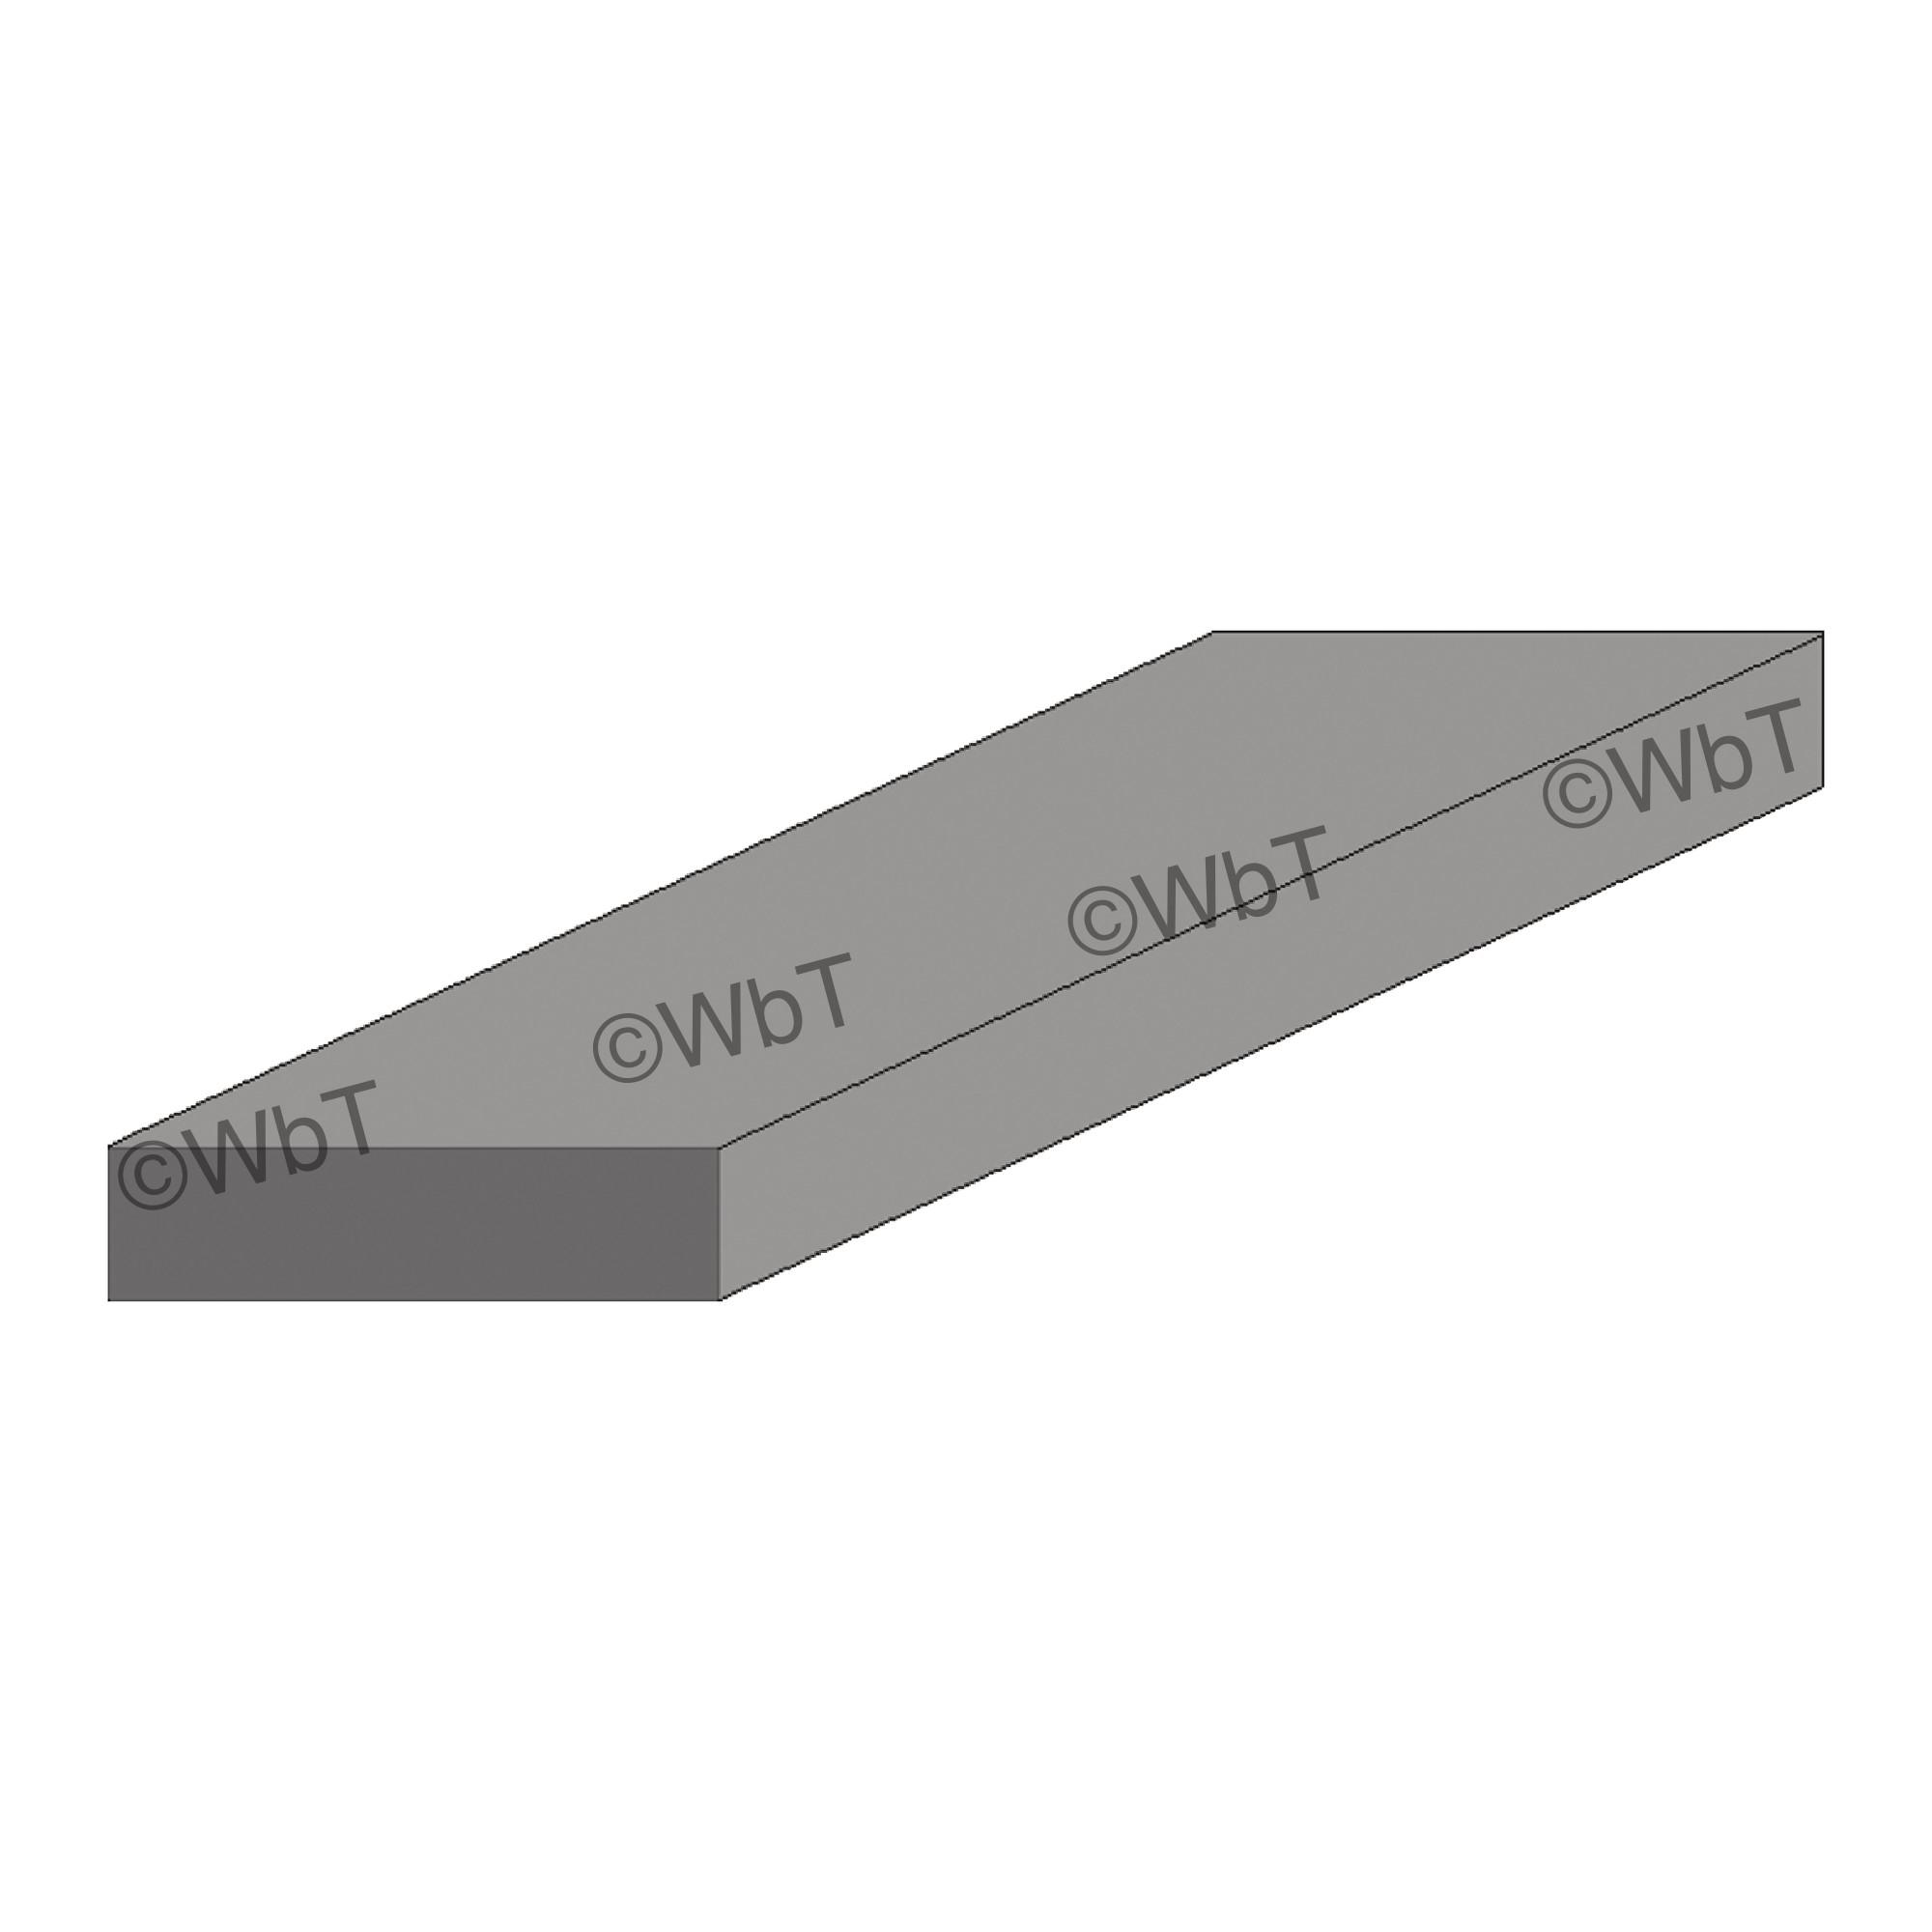 6061 Extruded Aluminum